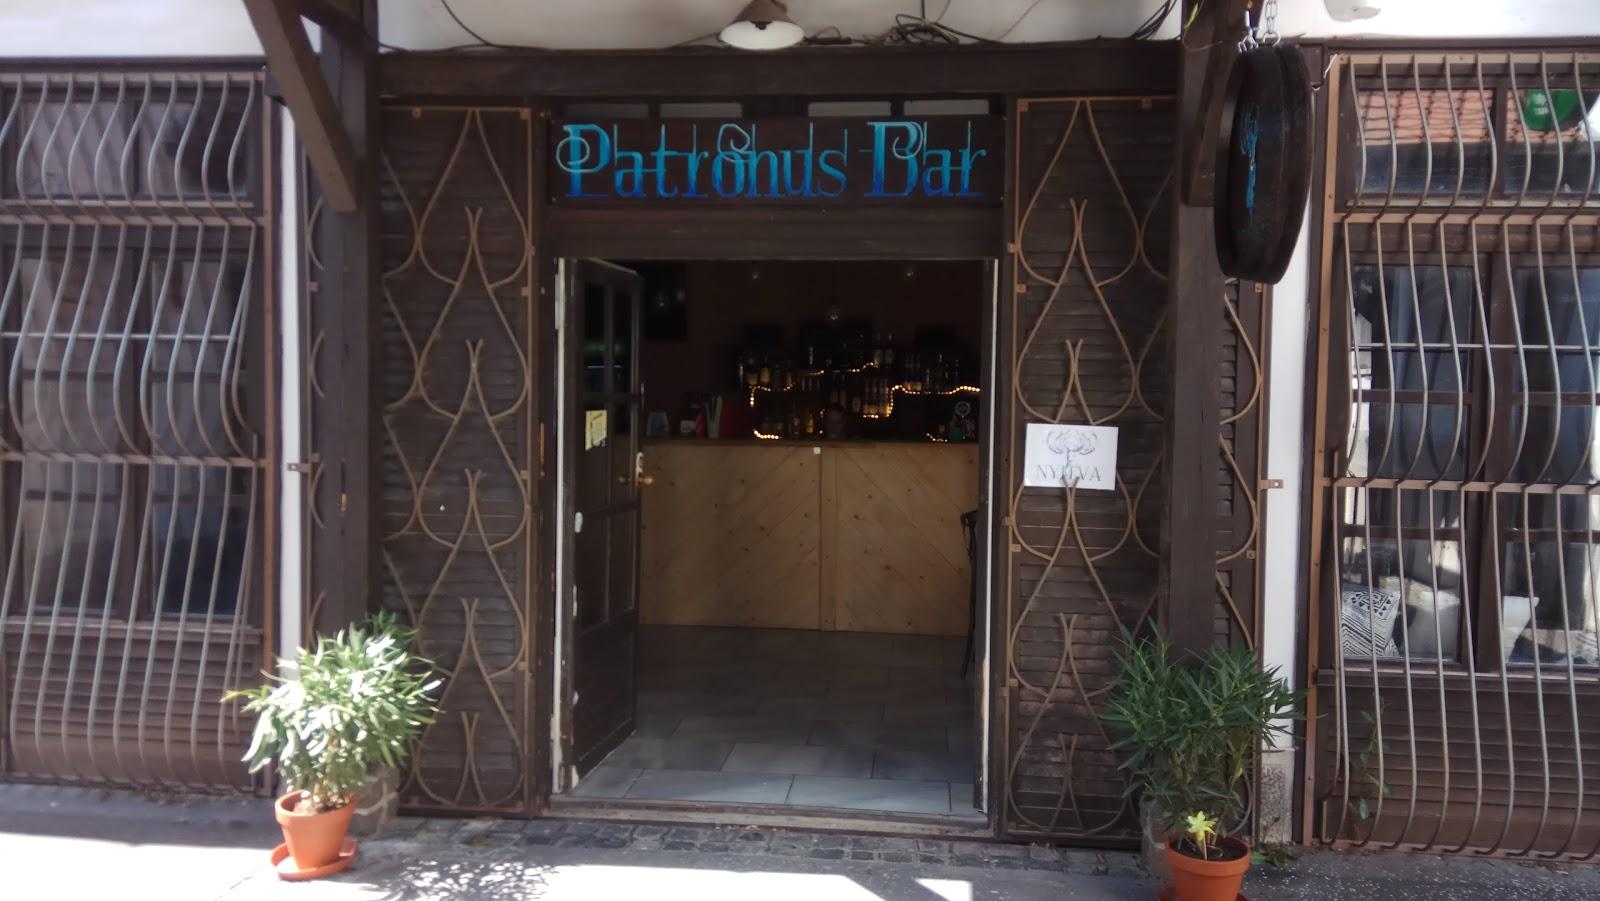 Patronus Bar